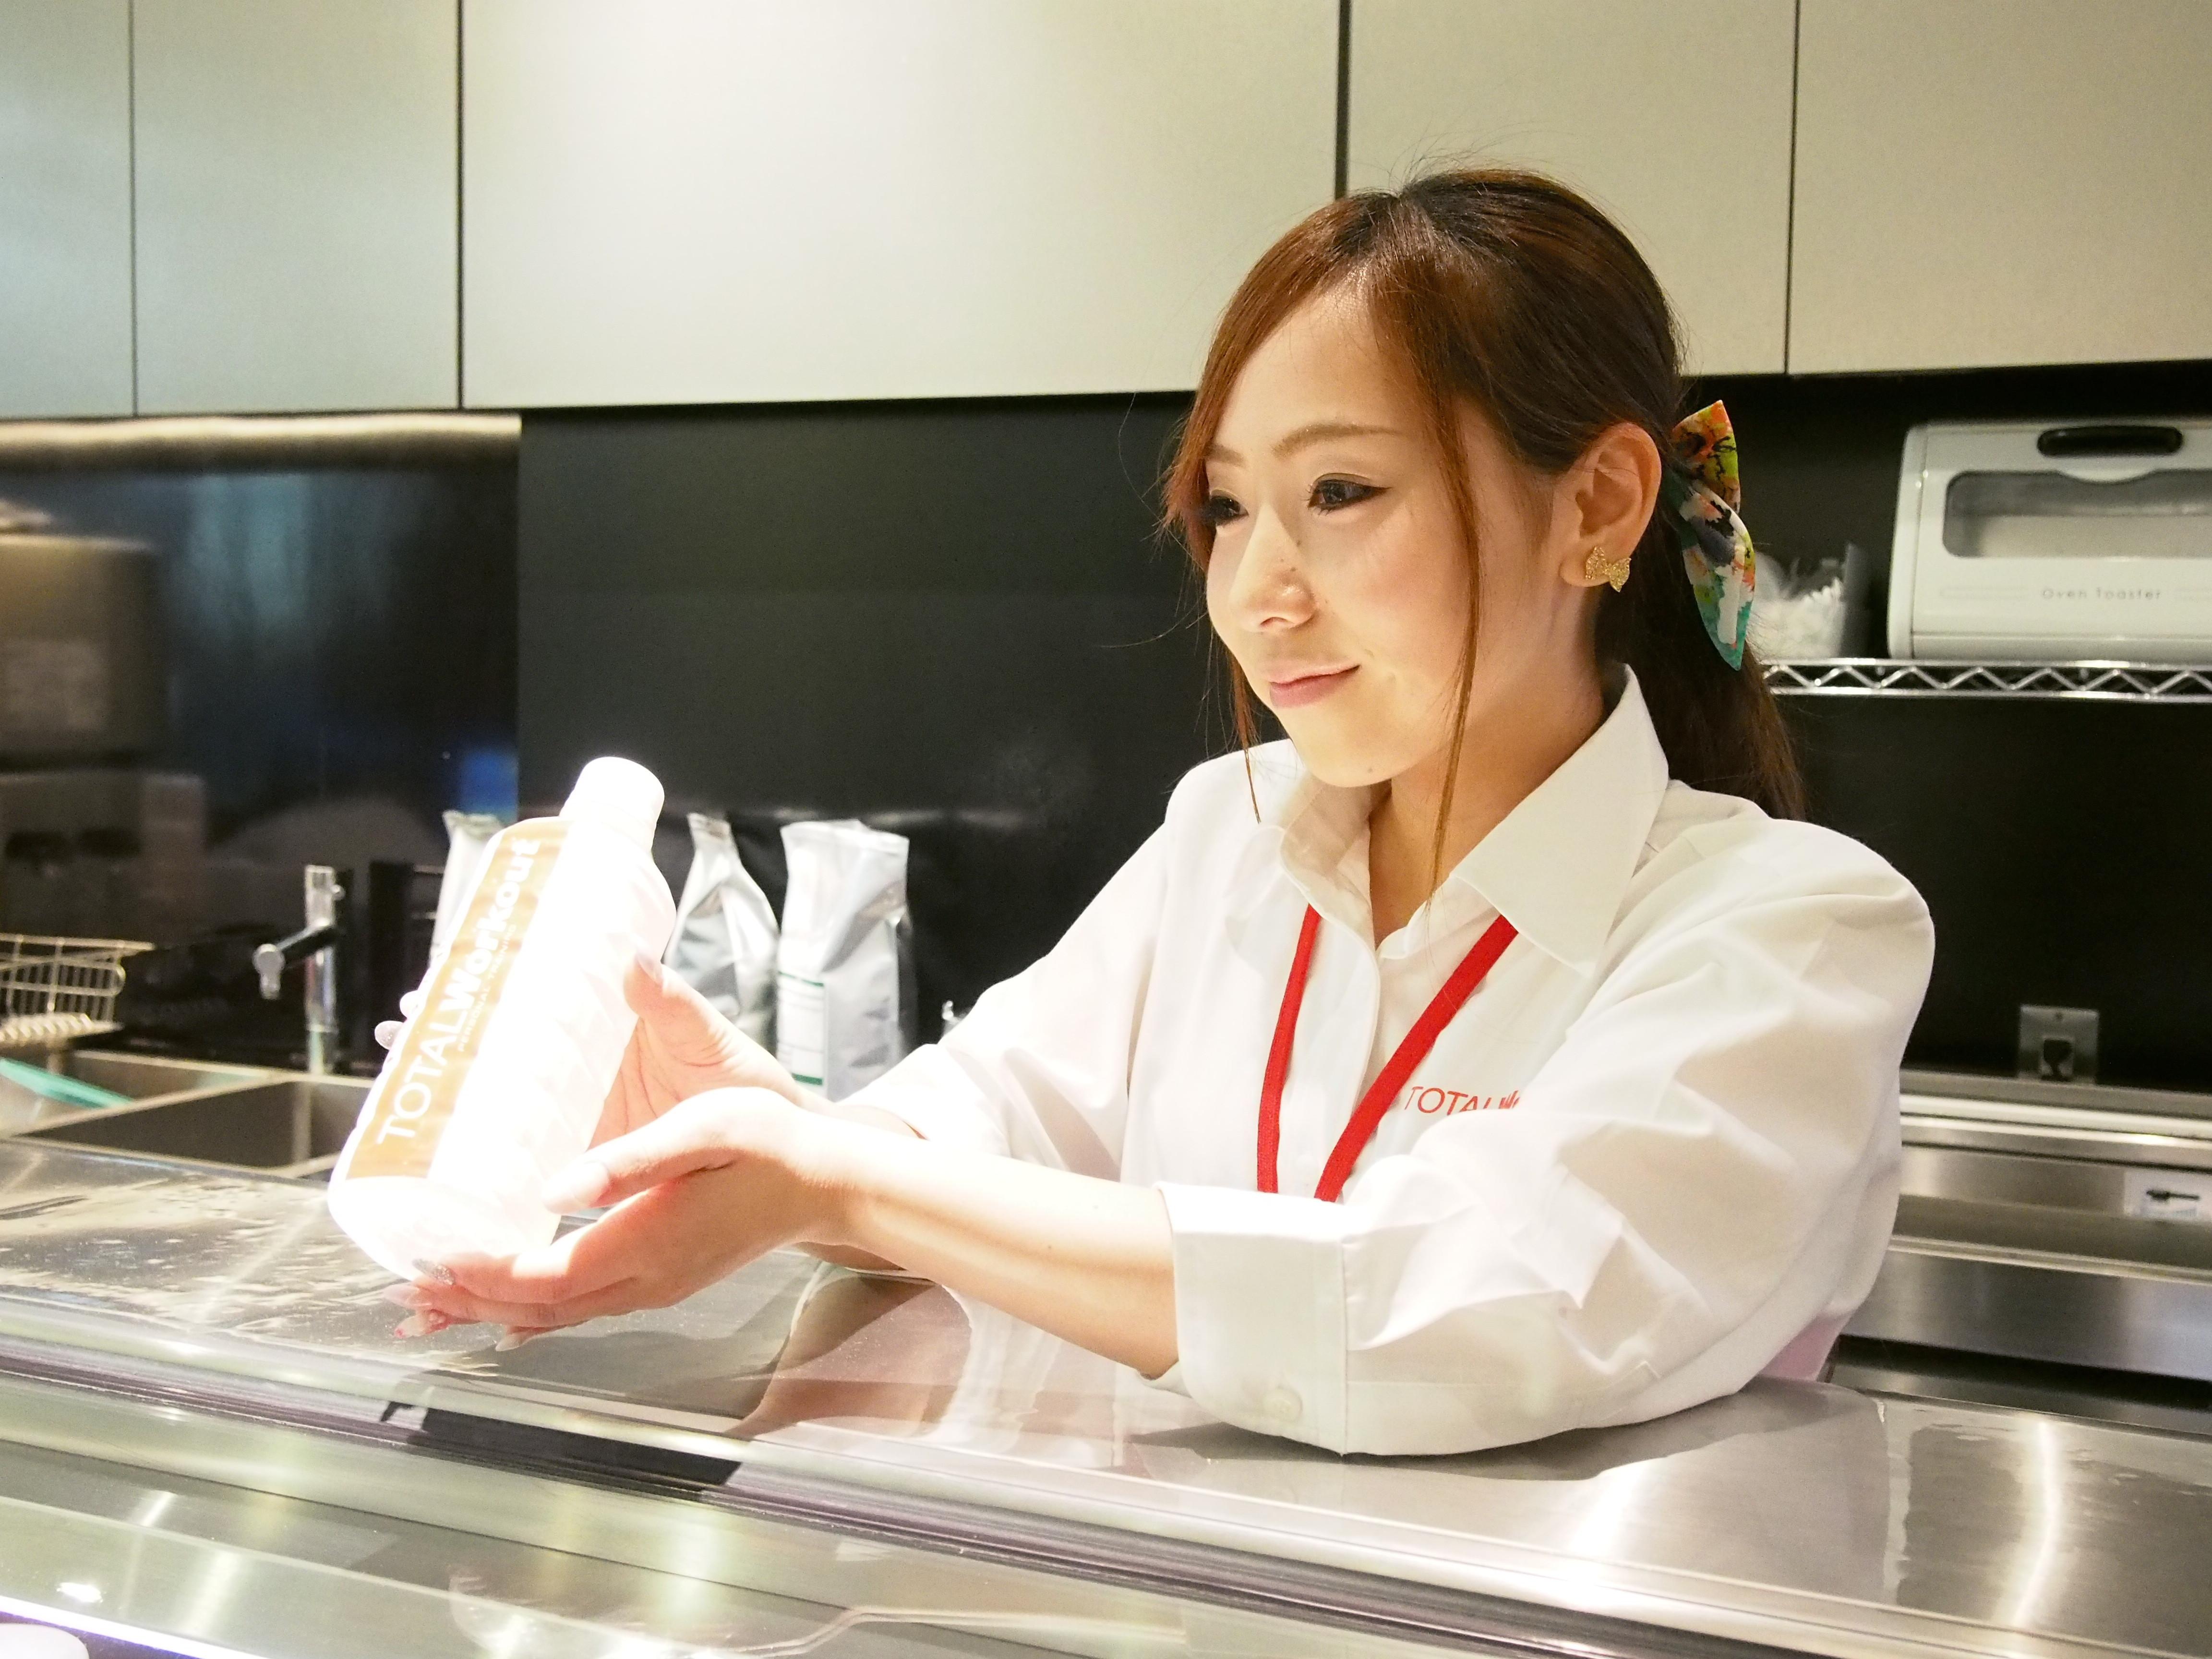 トータル・ワークアウト 福岡店 のアルバイト情報